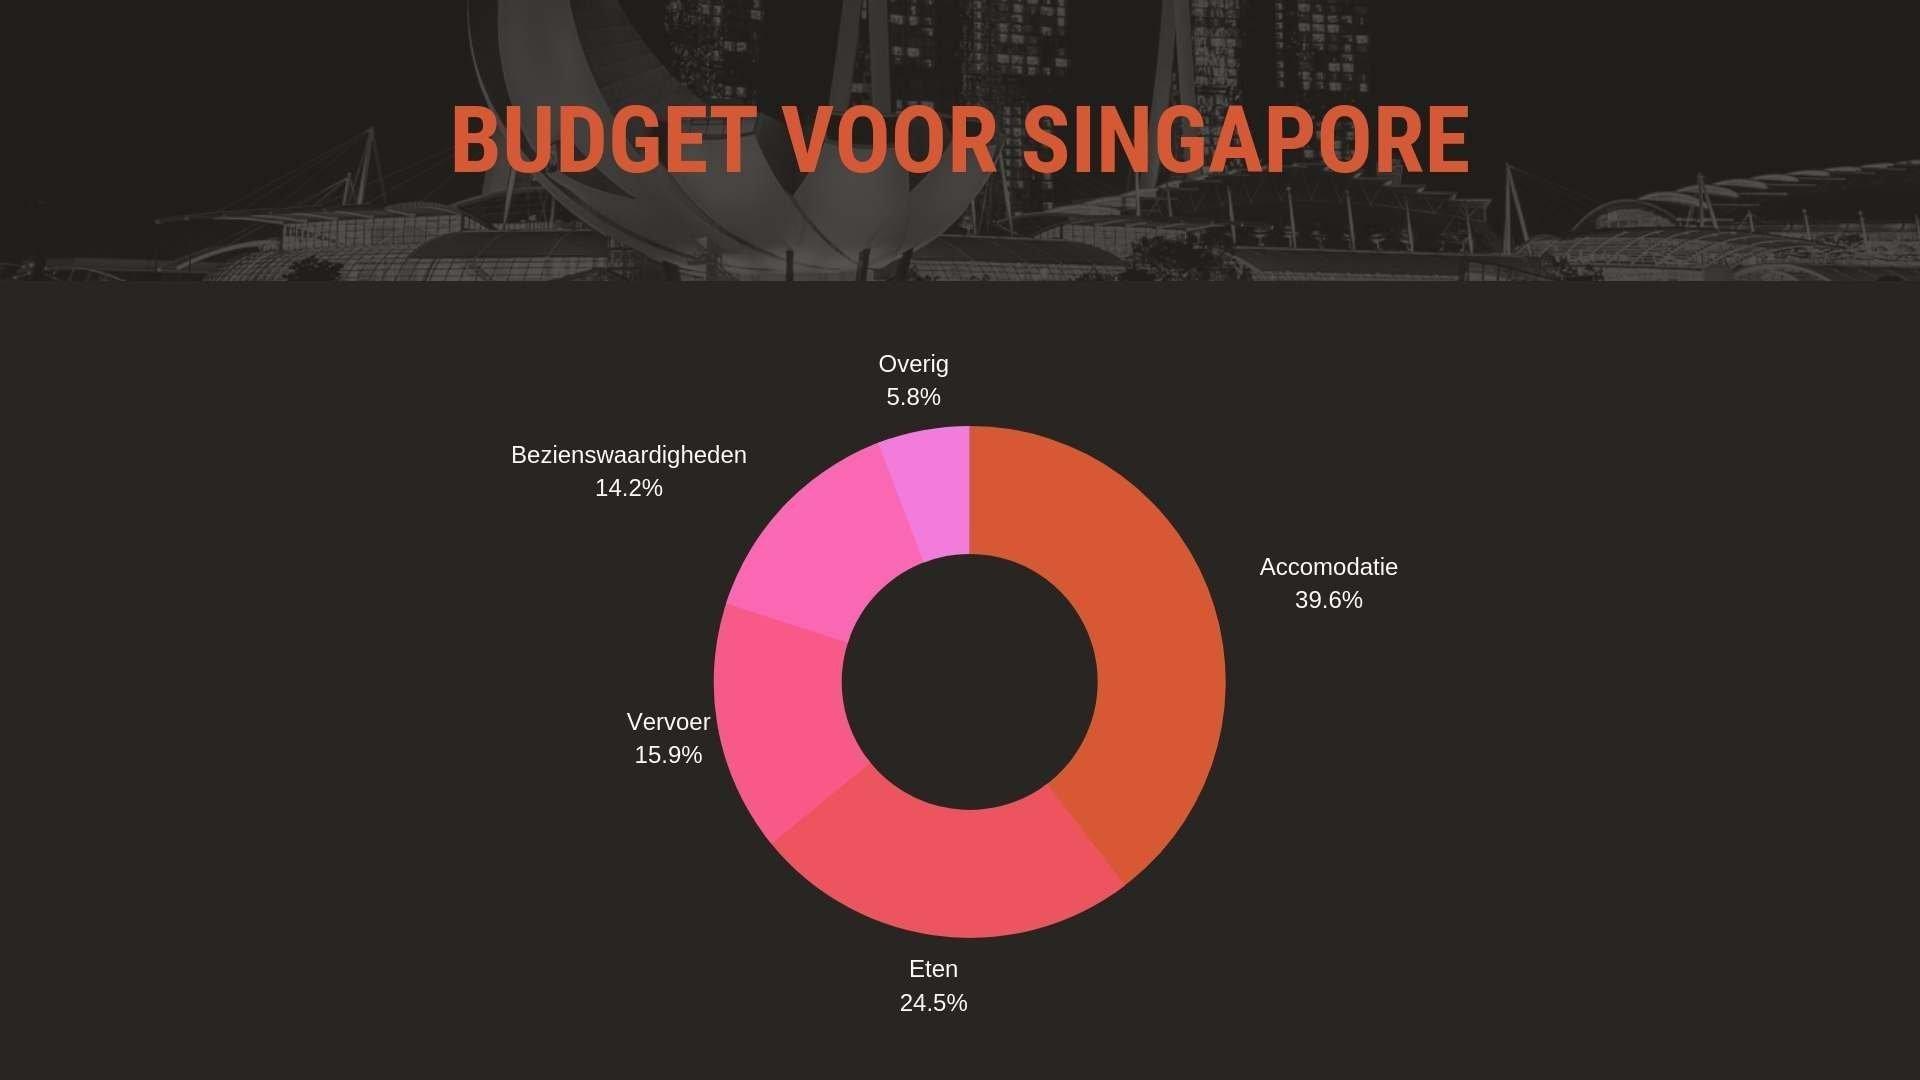 Budget voor een weekend in Singapore